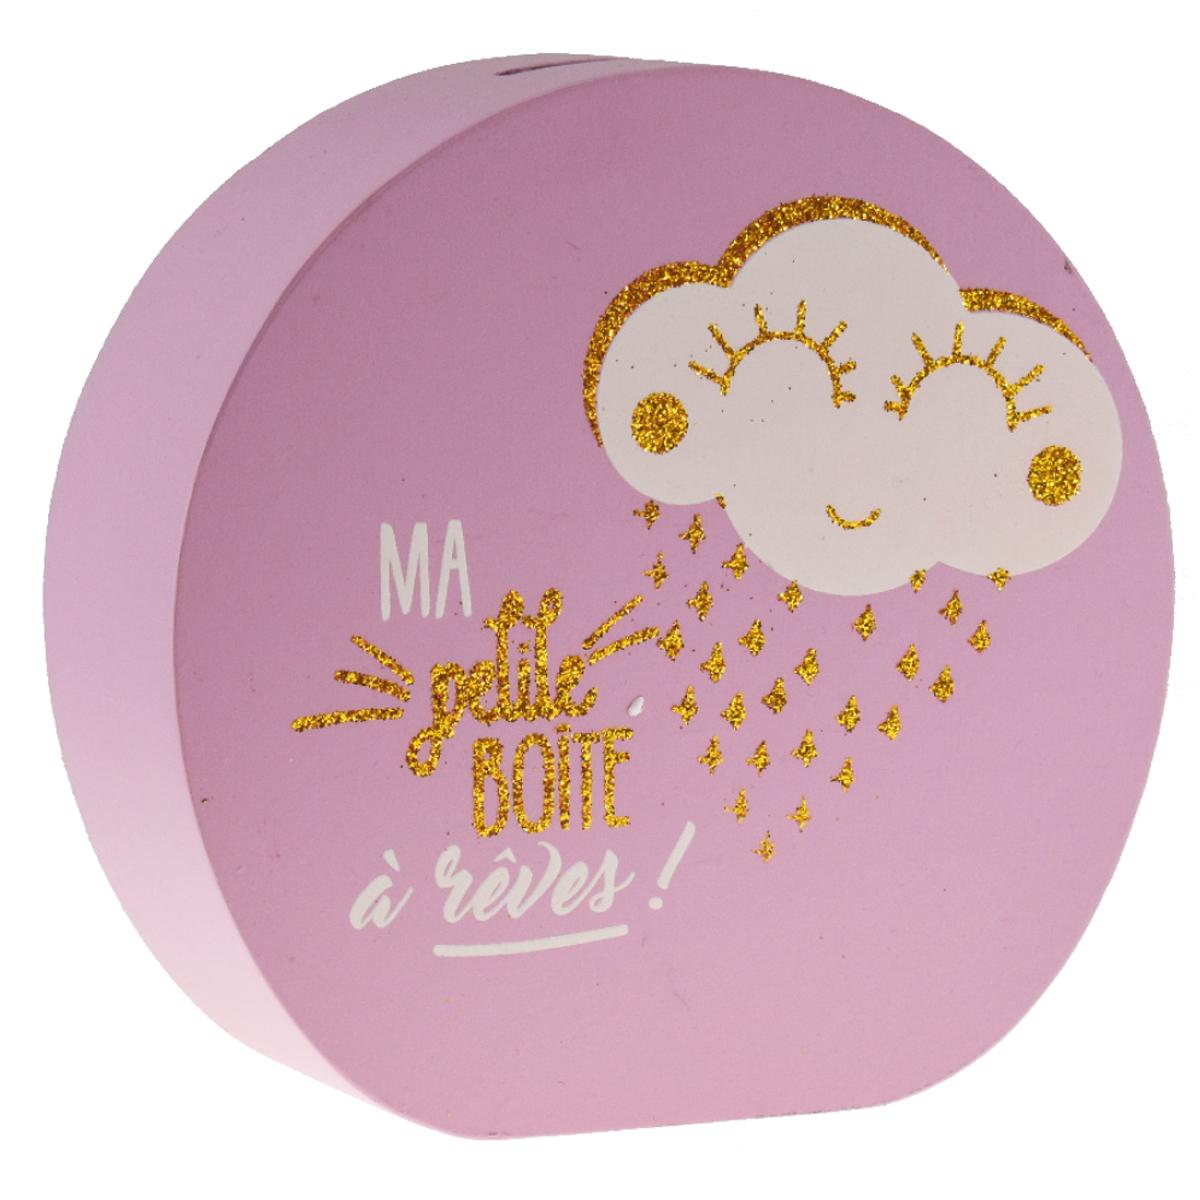 Tirelire bois \'Messages\' rose (ma petite boite à rêves !) - 15x145x5 cm  (nuage) - [R0494]